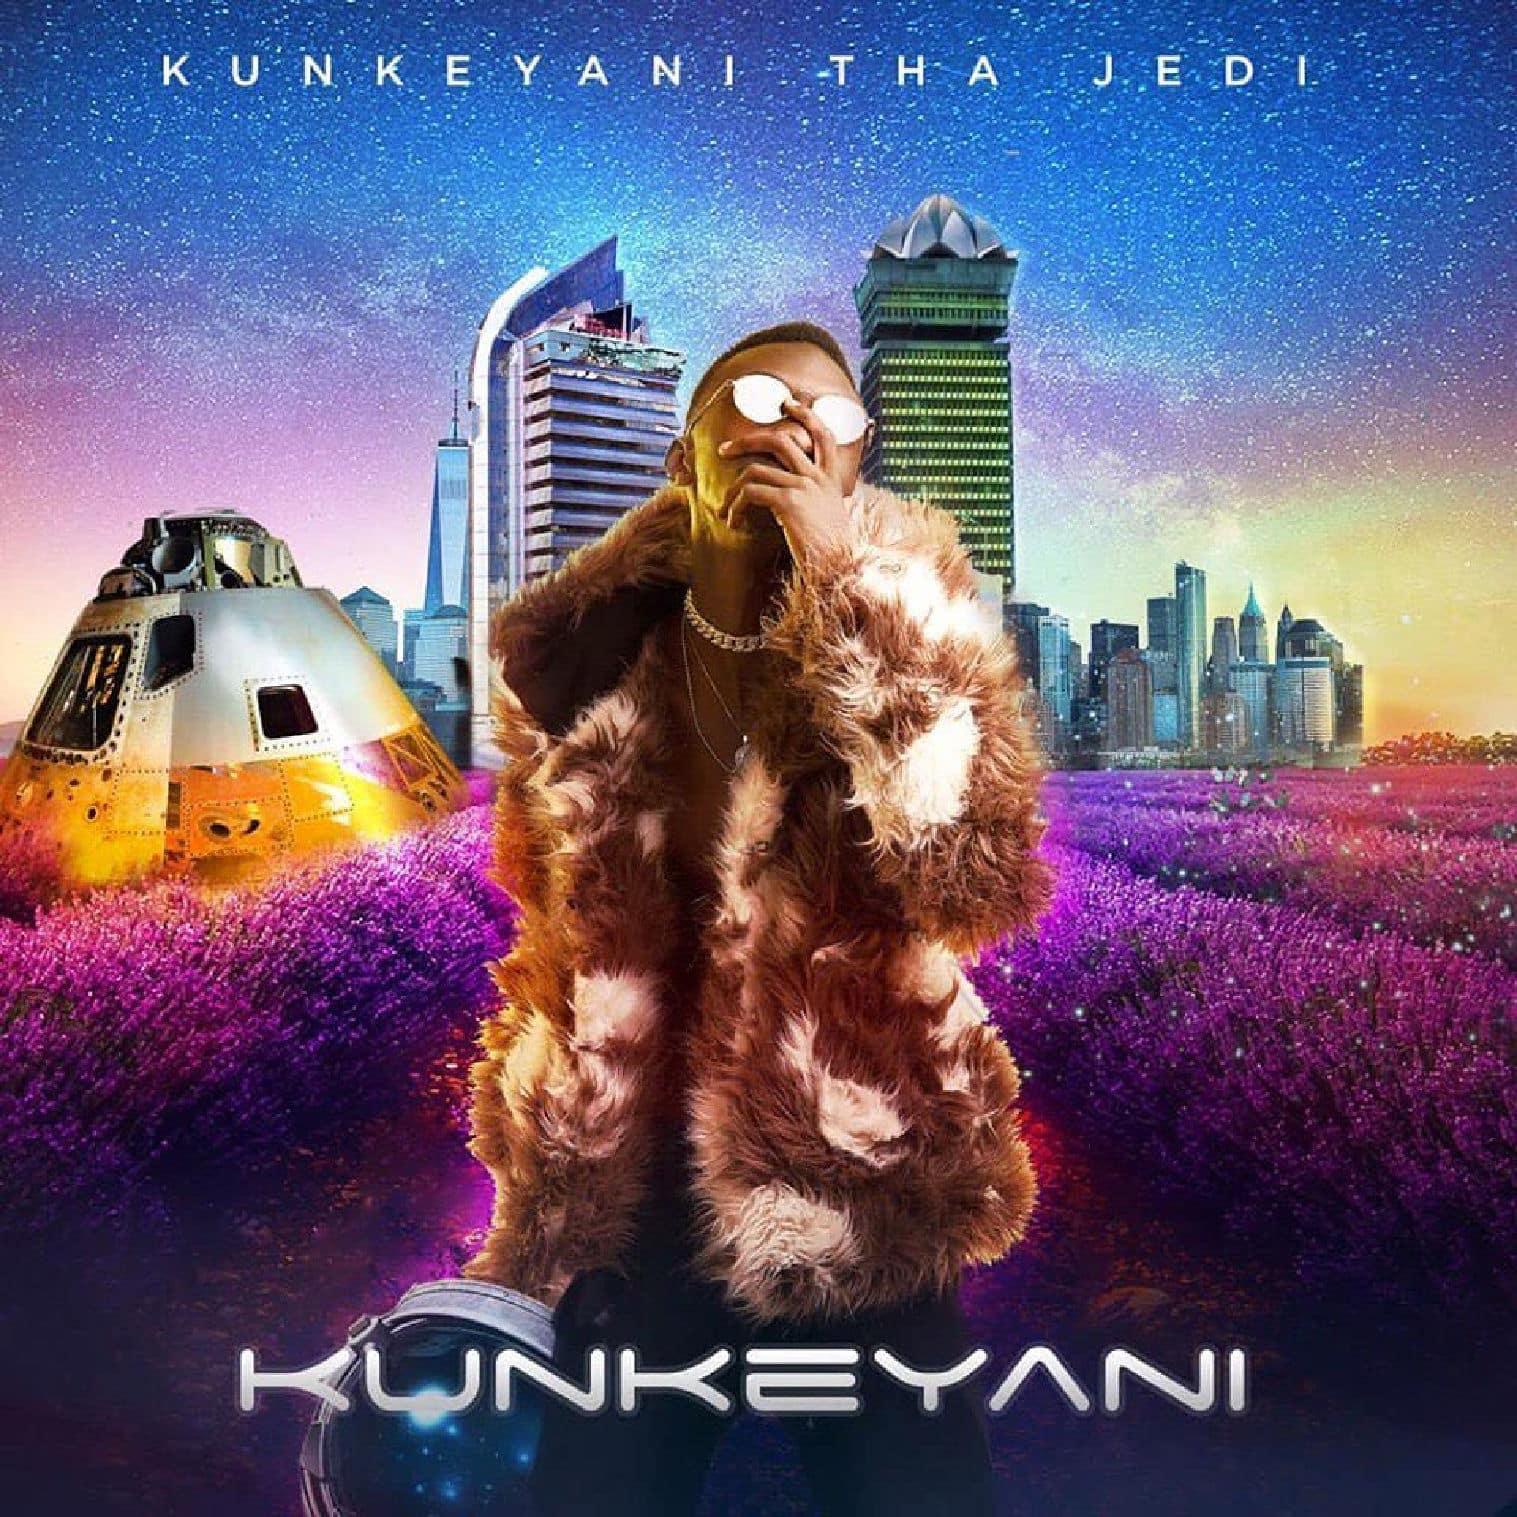 Kunkeyani Tha Jedi Kunkeyani Album